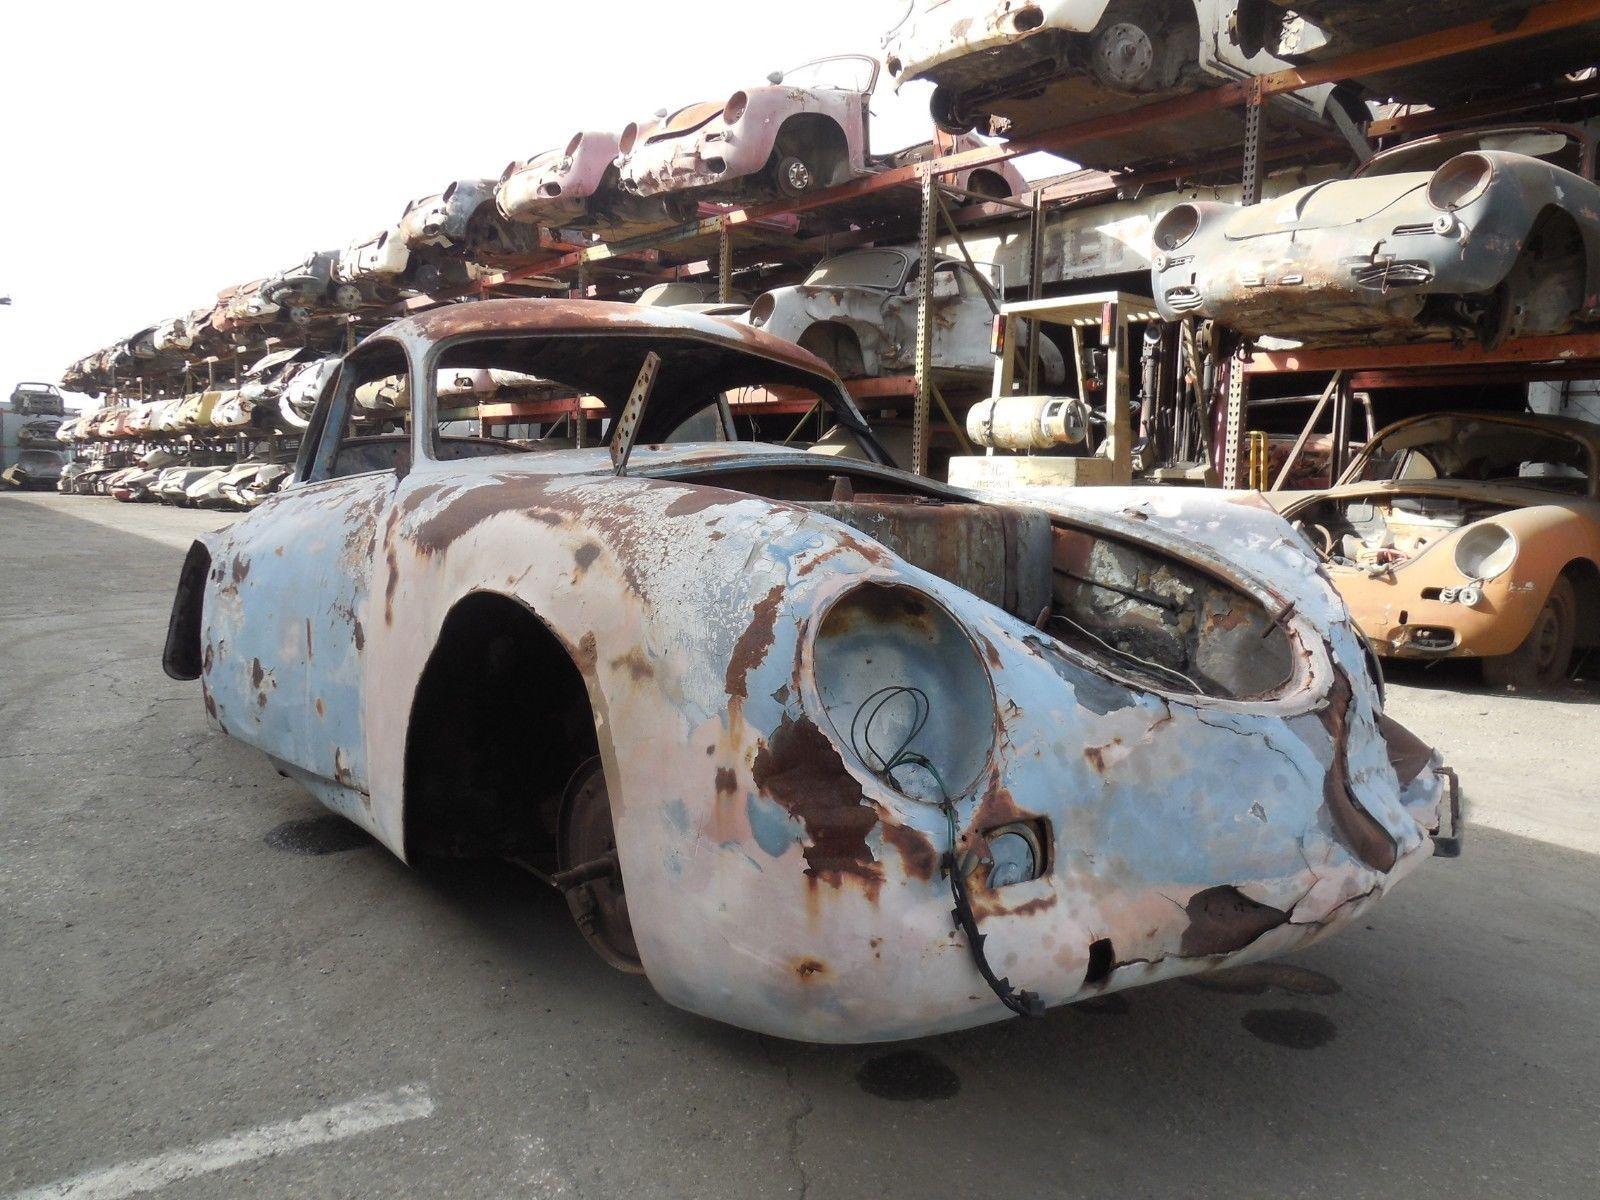 1955 Porsche 356 Coupe Pre A Project Car for Parts | Project cars ...